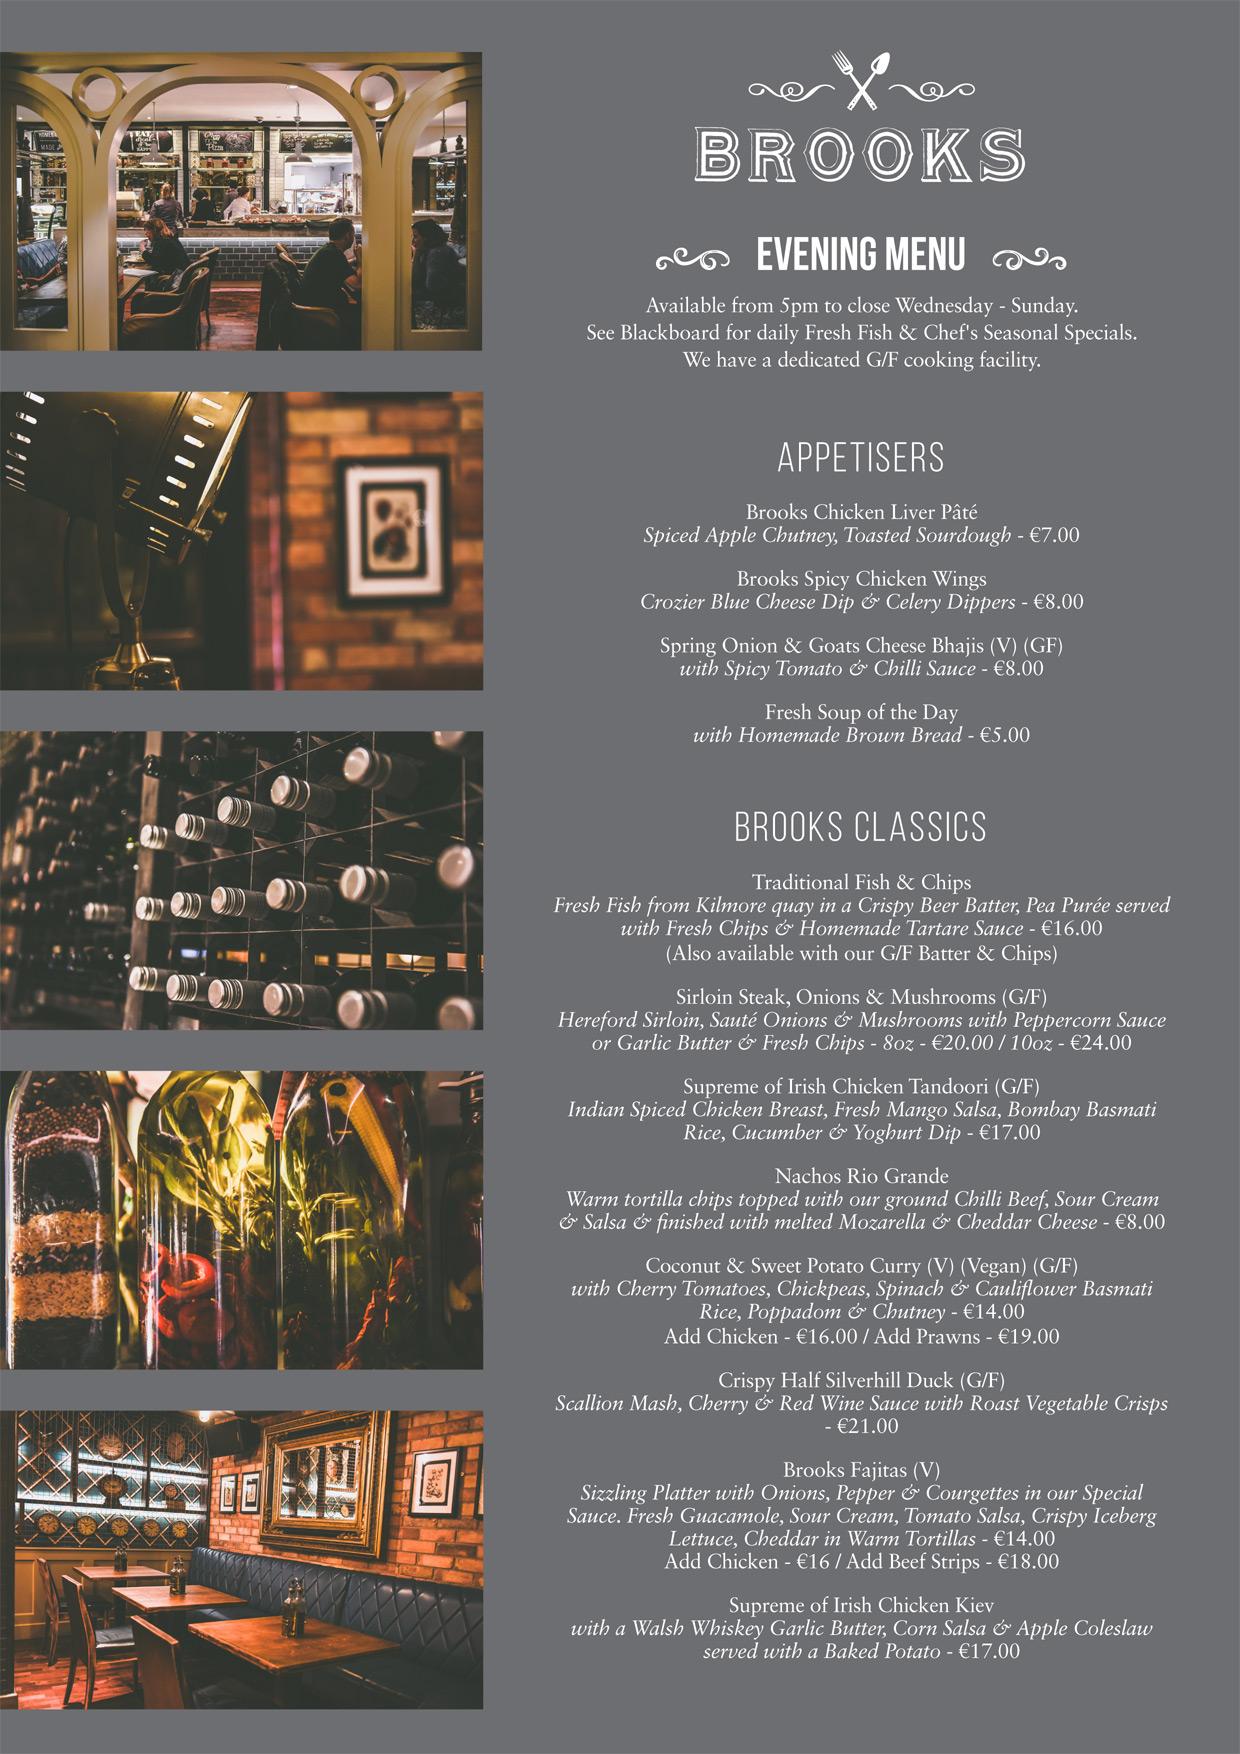 Brooks Evening Menu - Page 1